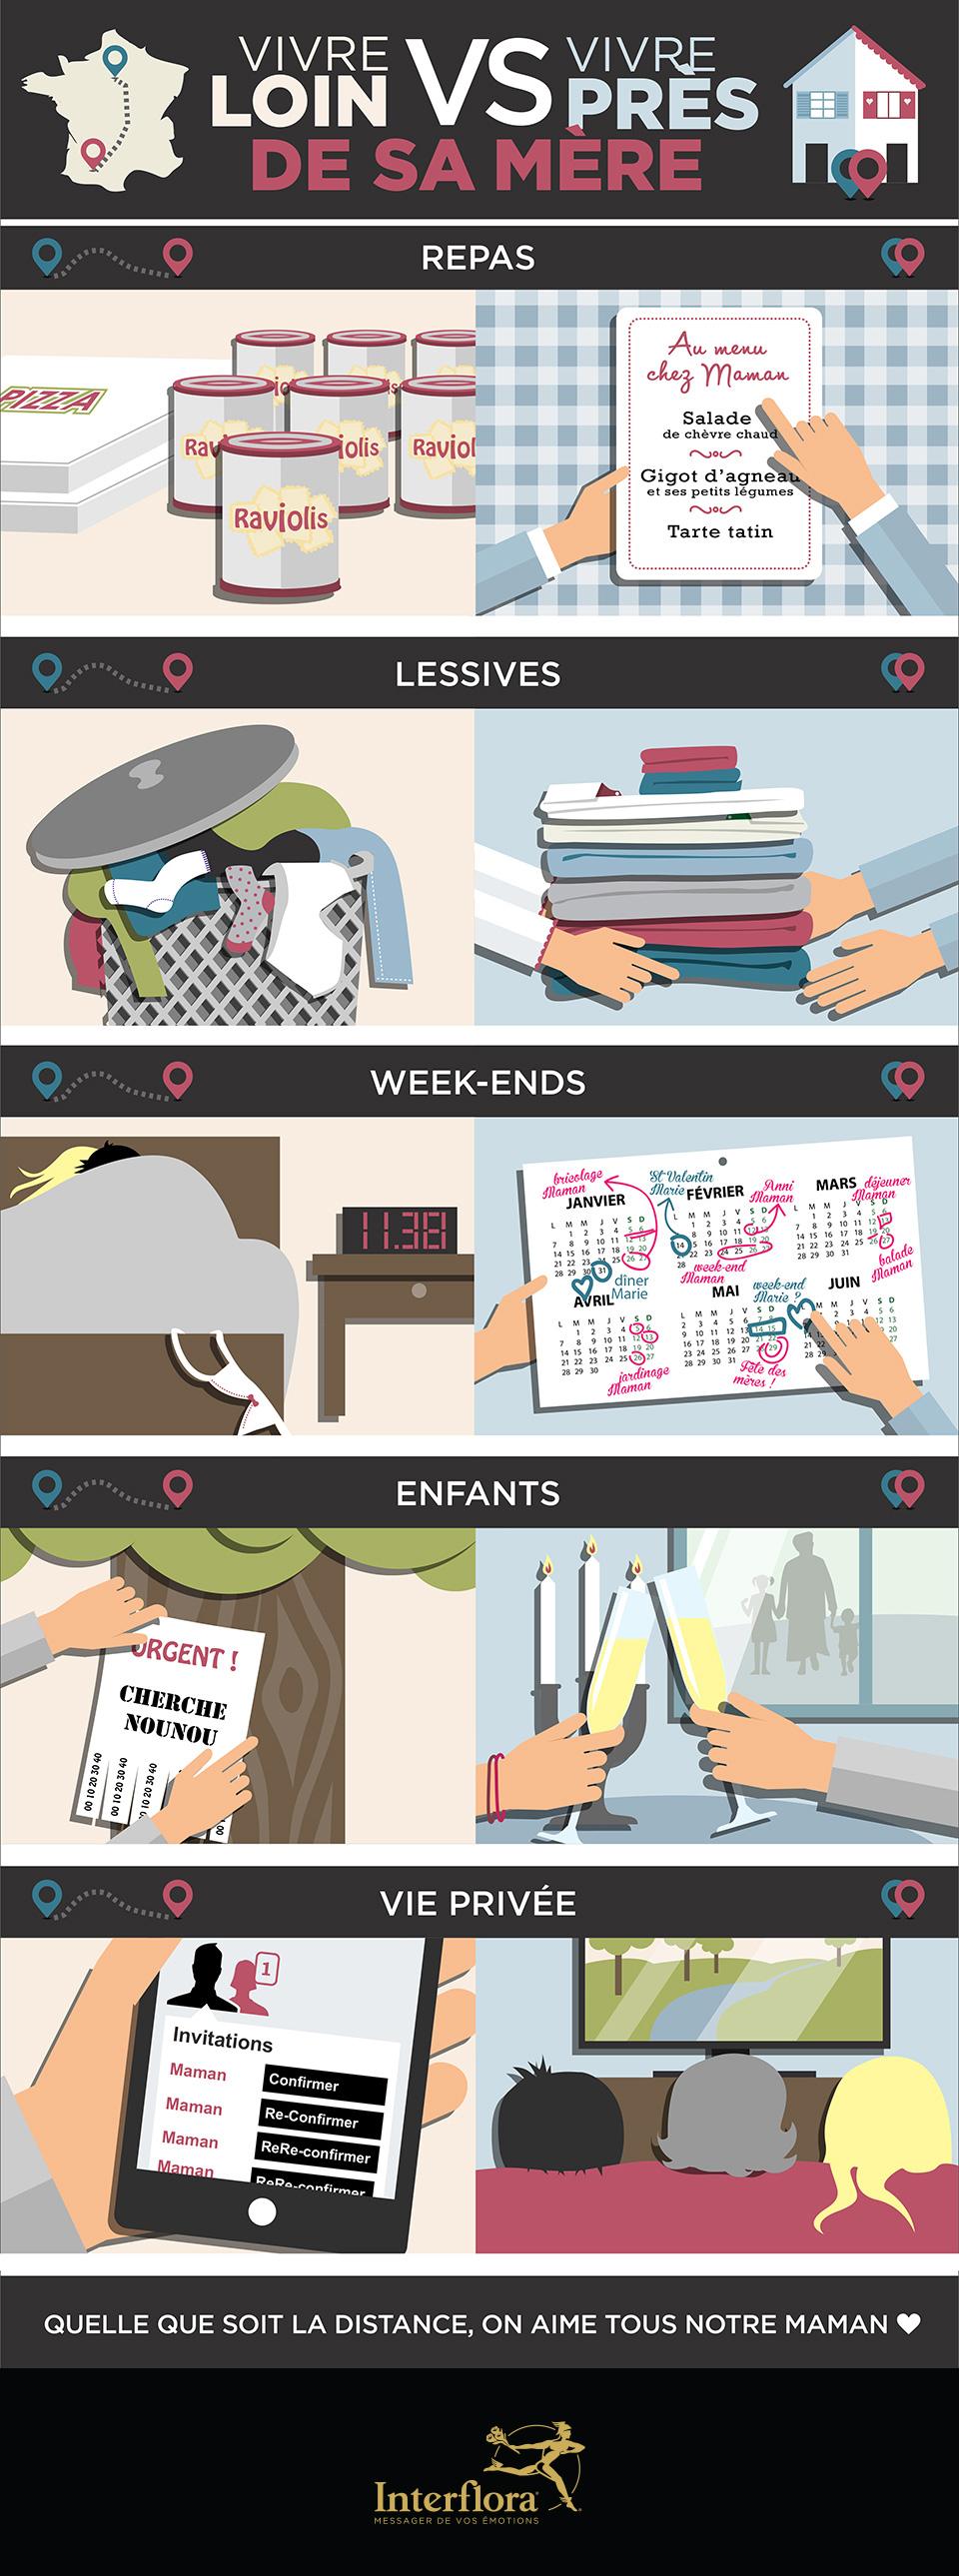 Fête des Mères : Infographie loin vs proche de maman